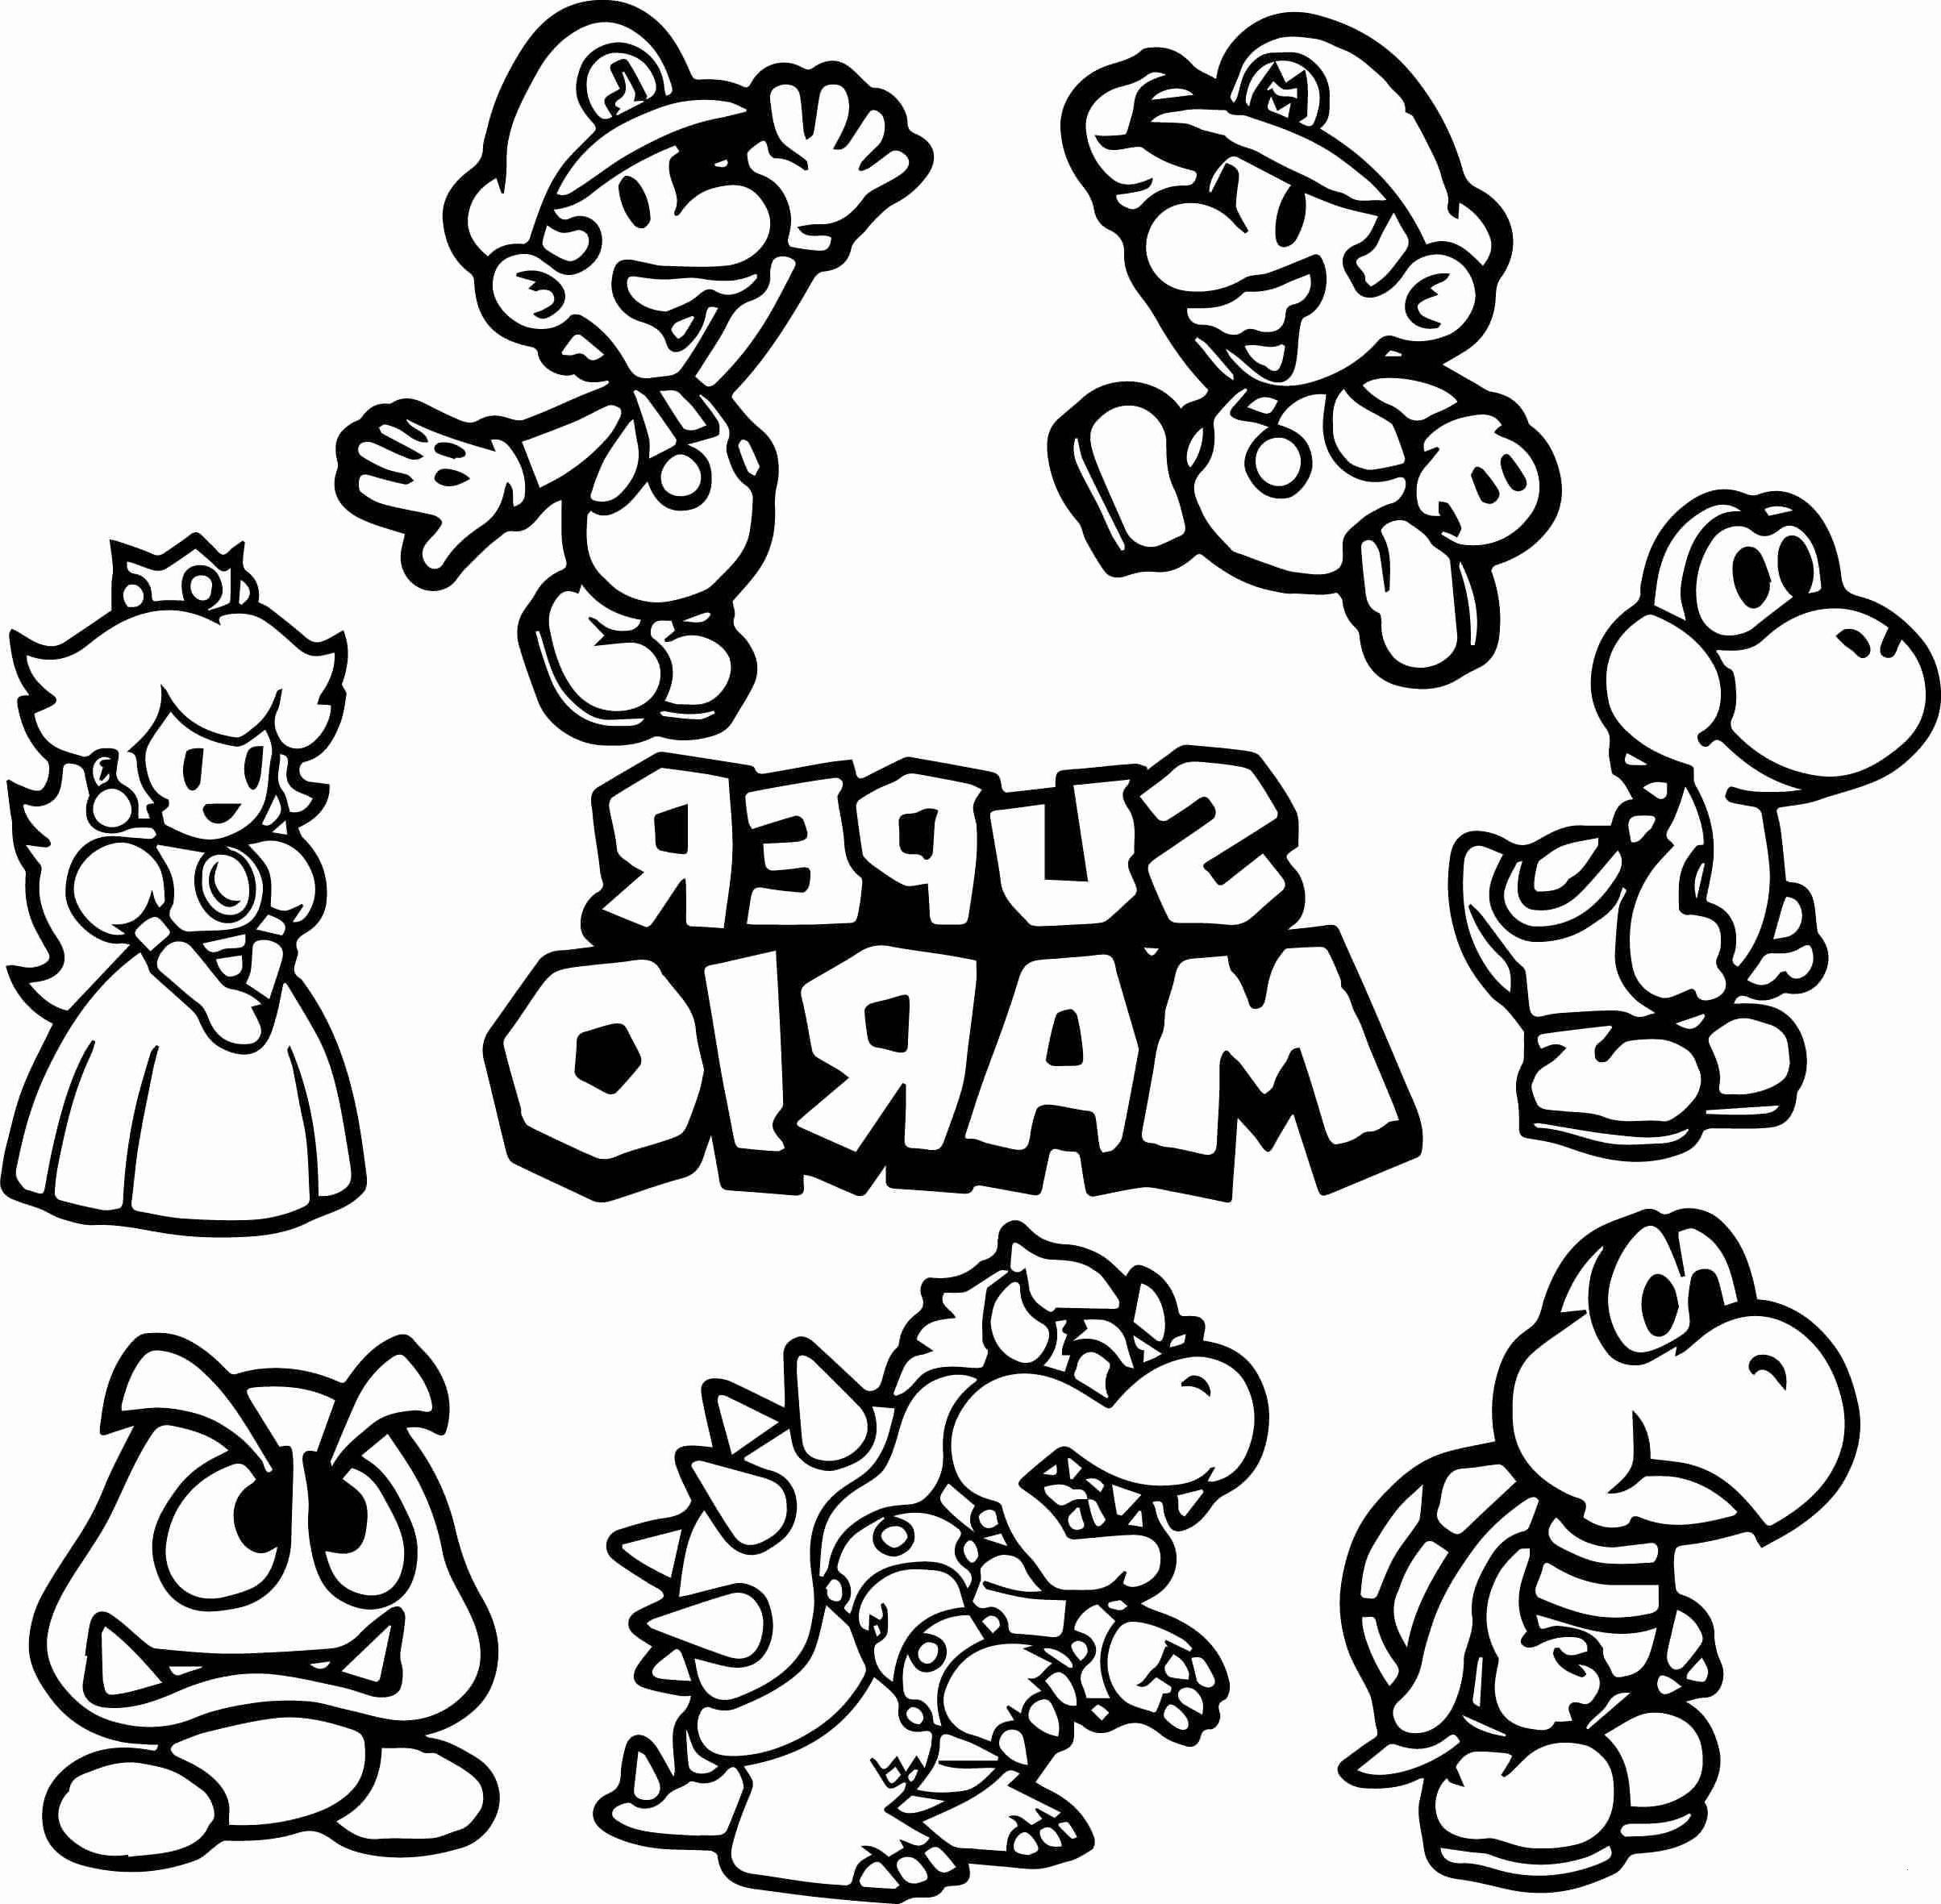 Ausmalbild Super Mario Inspirierend 28 Inspirierend Ausmalbild Super Mario – Malvorlagen Ideen Galerie